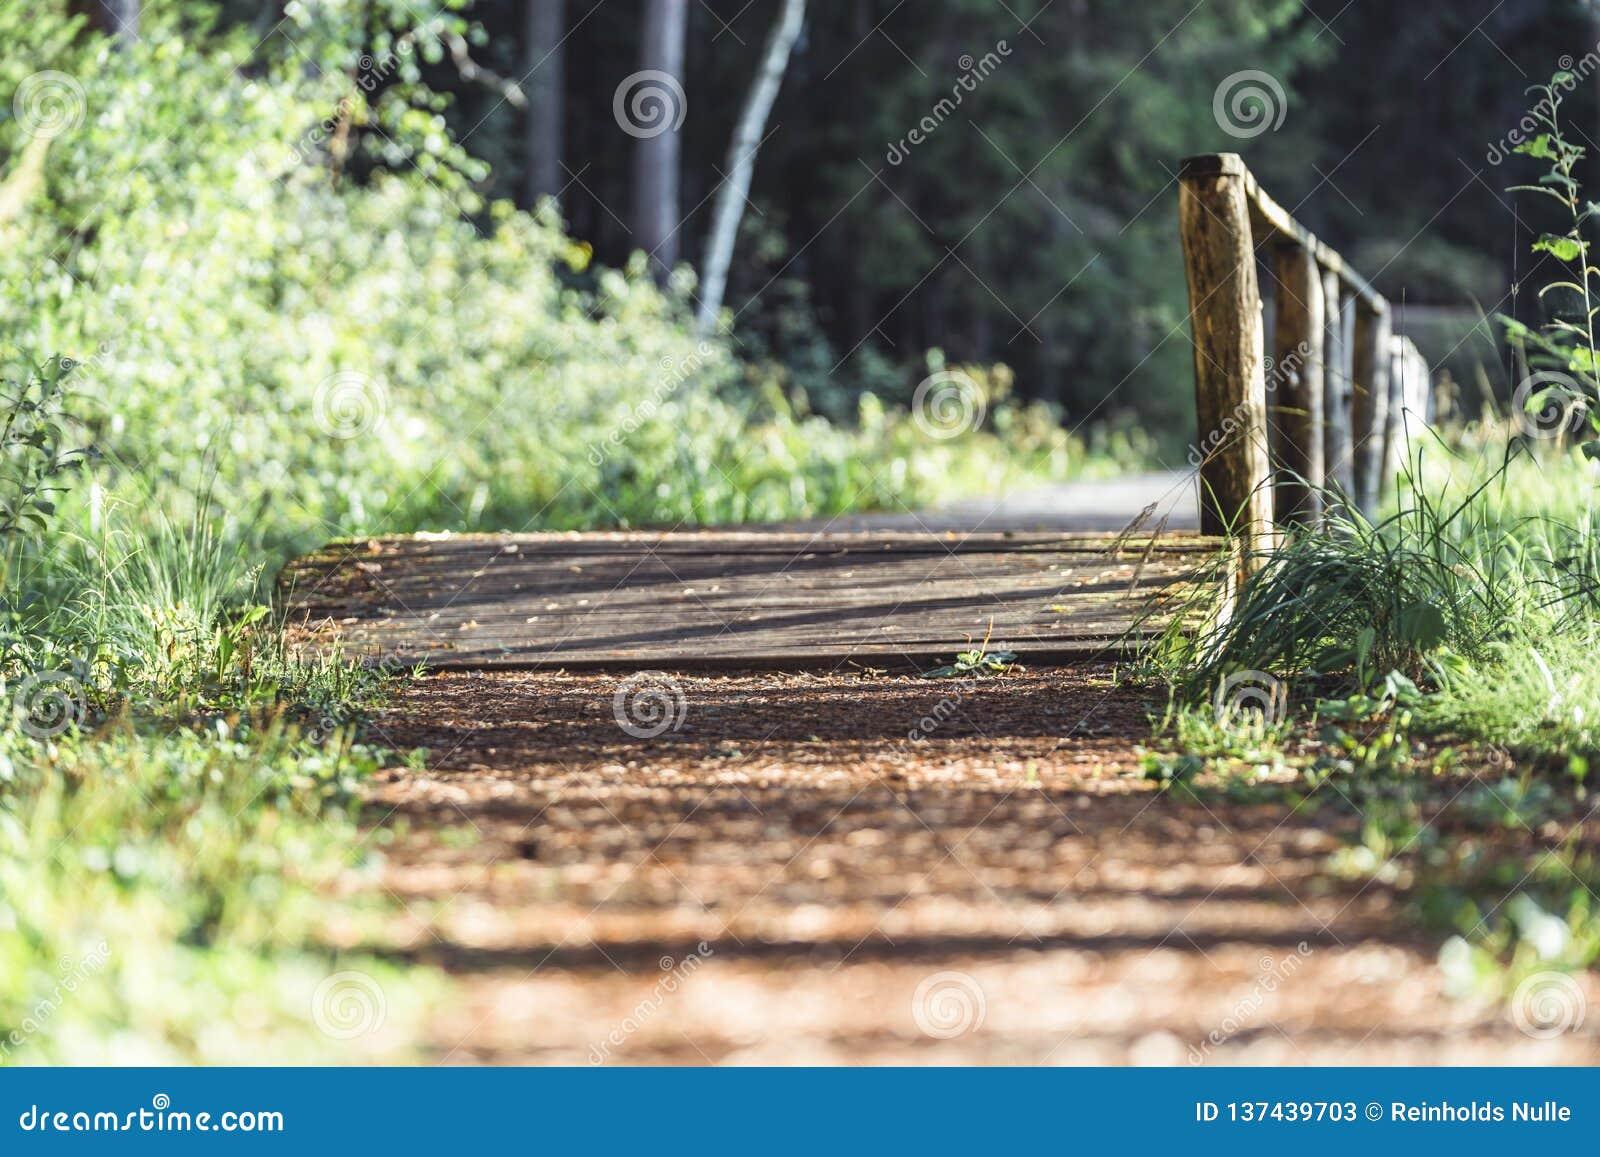 Punto di vista di Forest Road, dirigersi più profonda nel legno su Sunny Summer Day, immagine parzialmente vaga con spazio libero